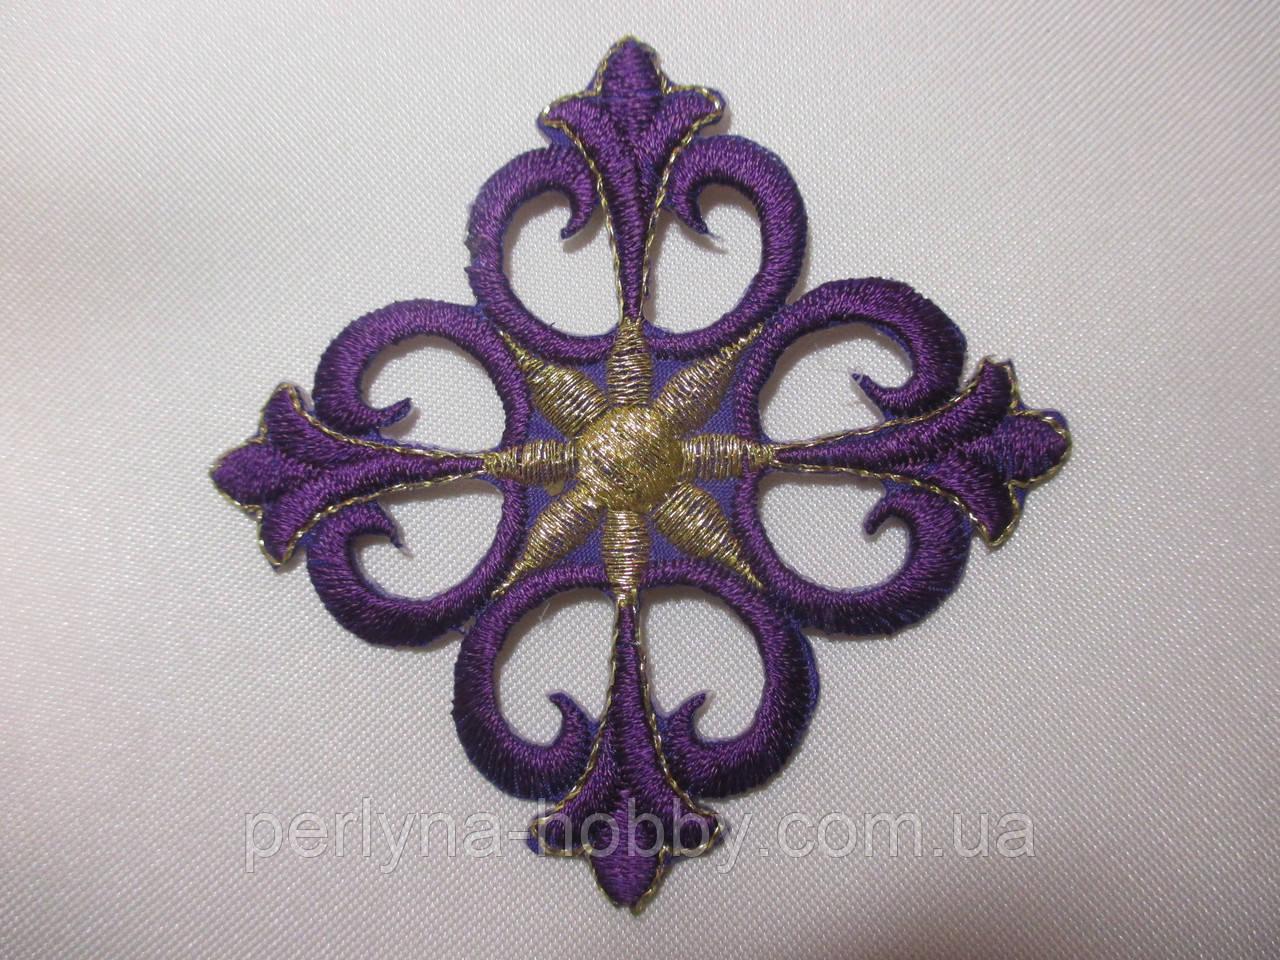 Хрестик вишитий, аплікація клейова 7,5х7,5 фіолетовий. Крест аппликация клеевая вышивка